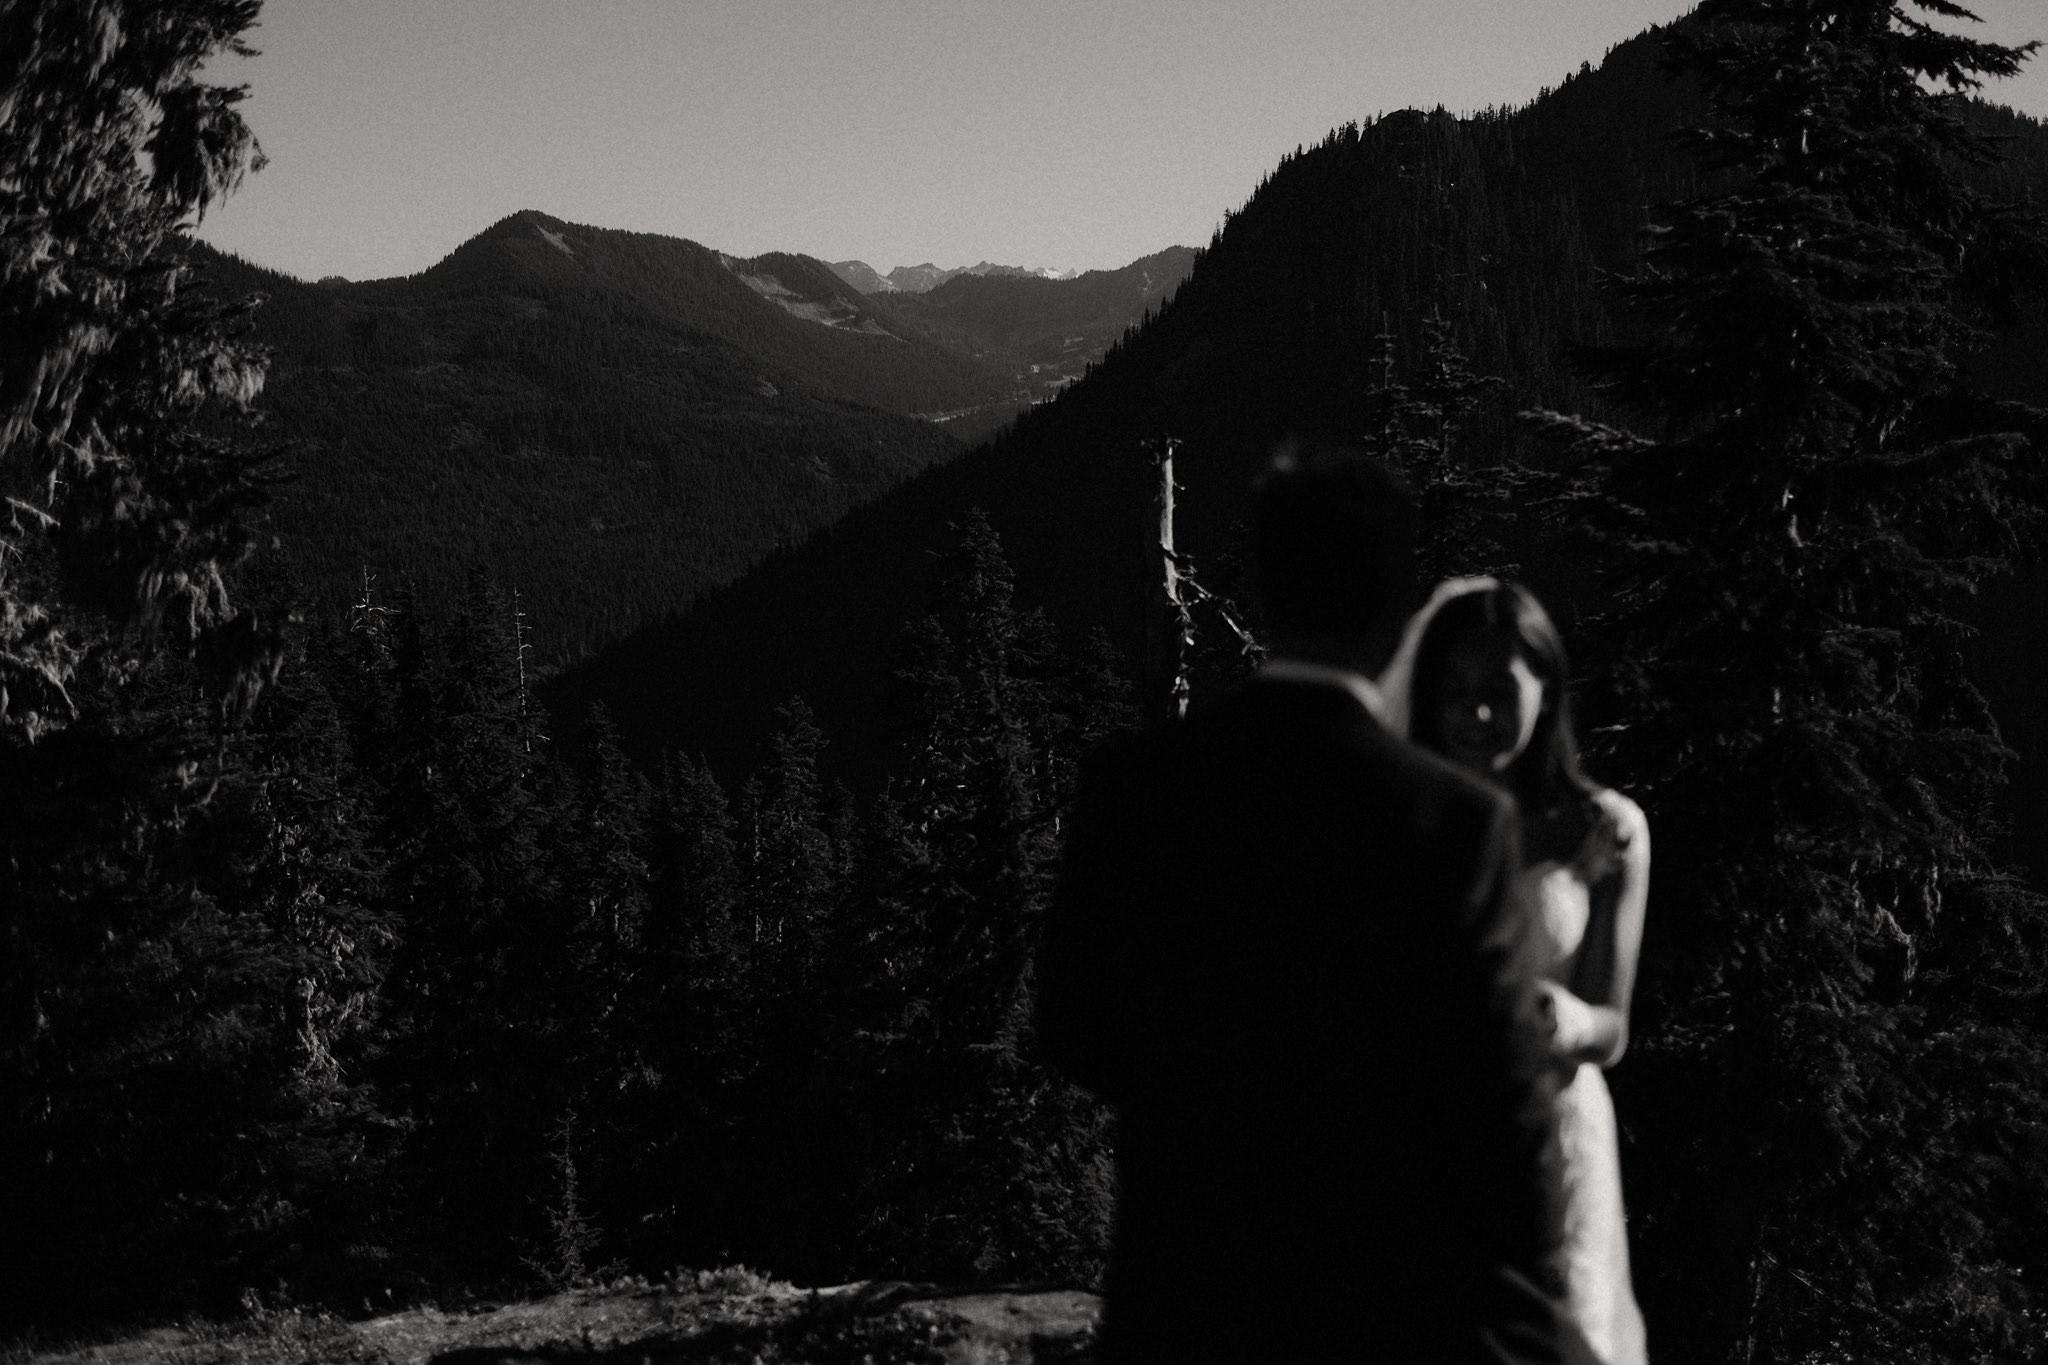 mindy-michael-cascade-mountains-elopement-wedding-30.jpg